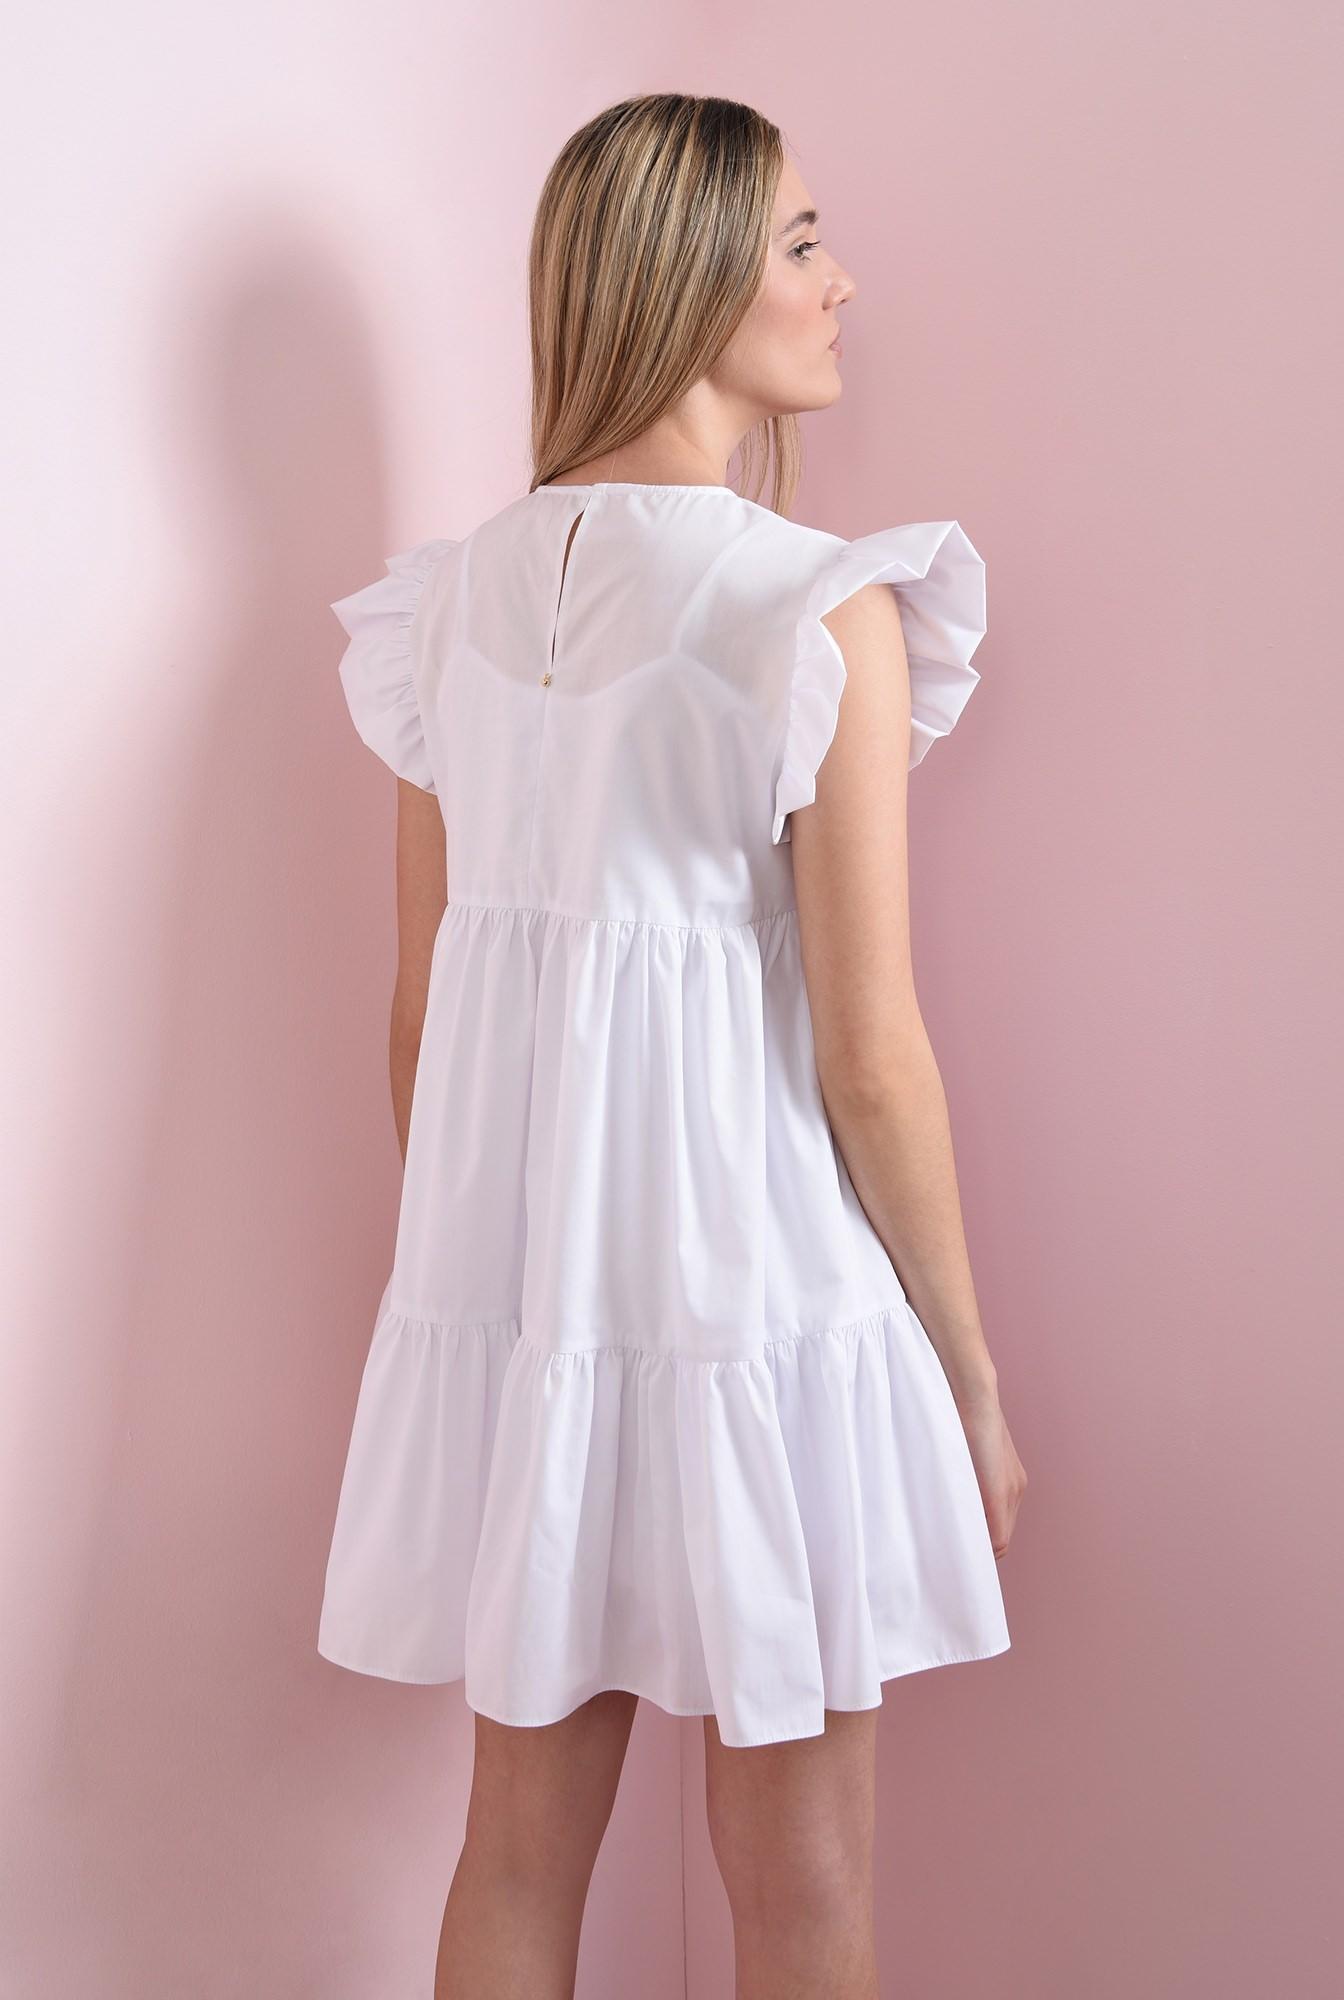 2 - rochie scurta, alba, din bumbac